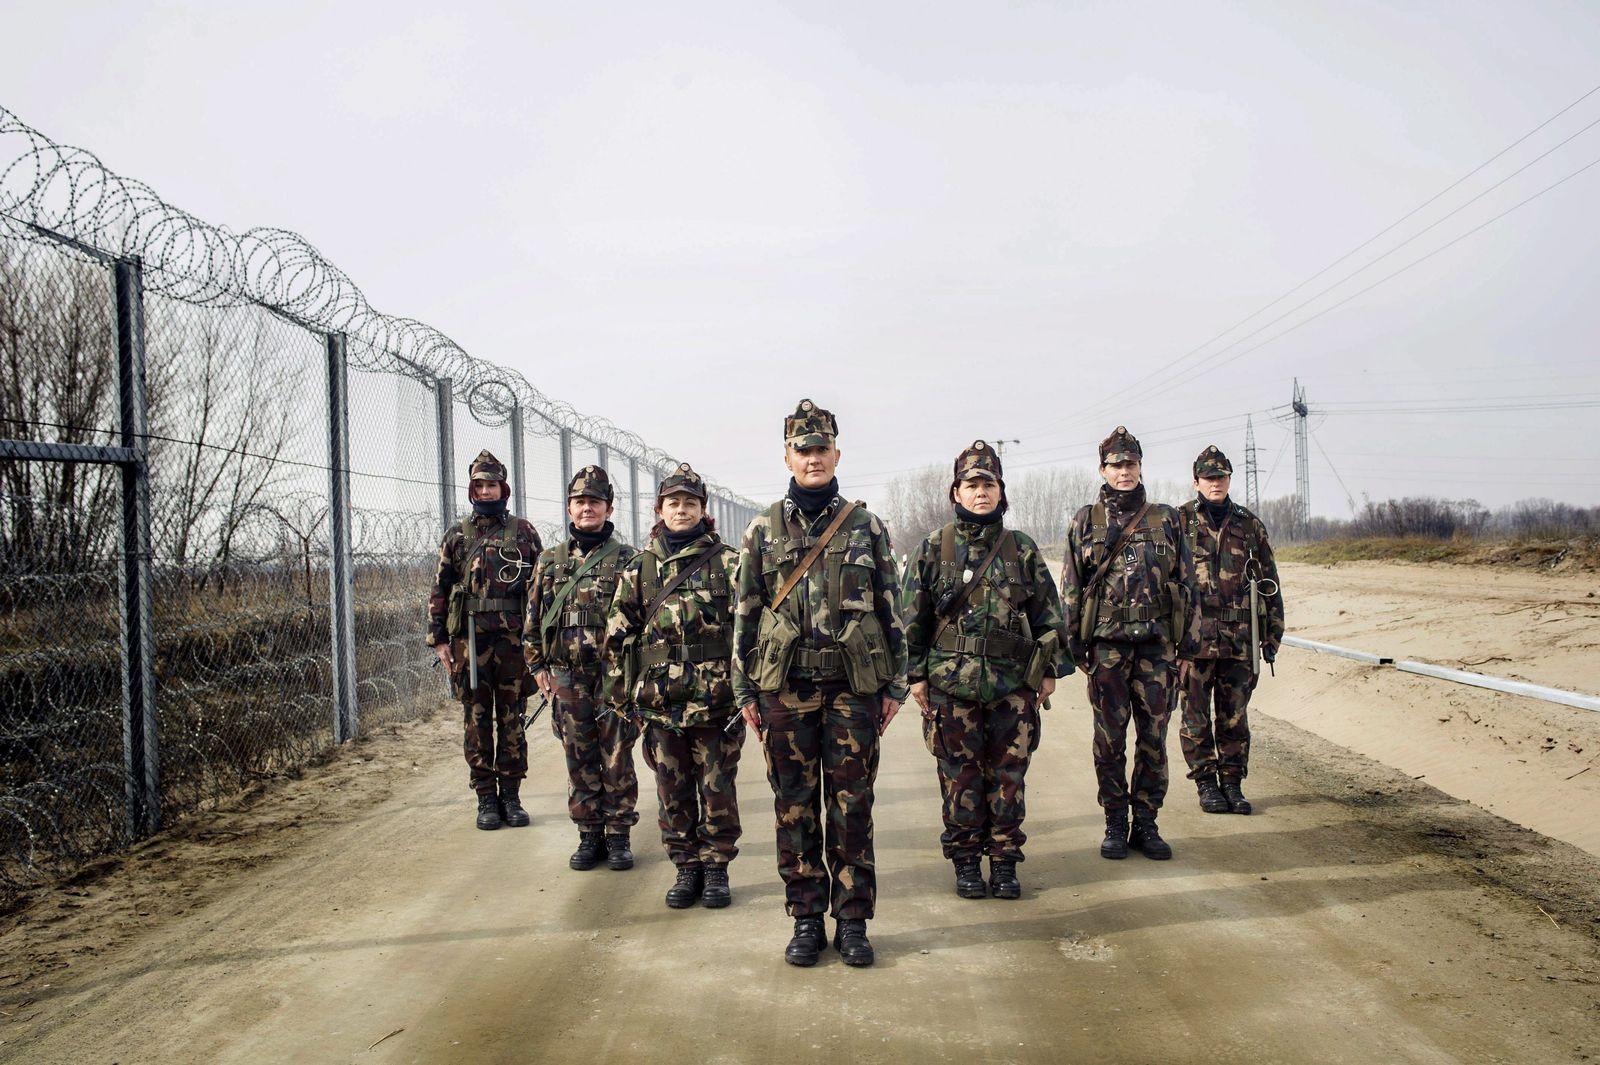 EINMALIGE VERWENDUNG SPIEGEL Plus SPIEGEL 51/2017 S. 80 Osteuropa / Ungarische Soldatinnen